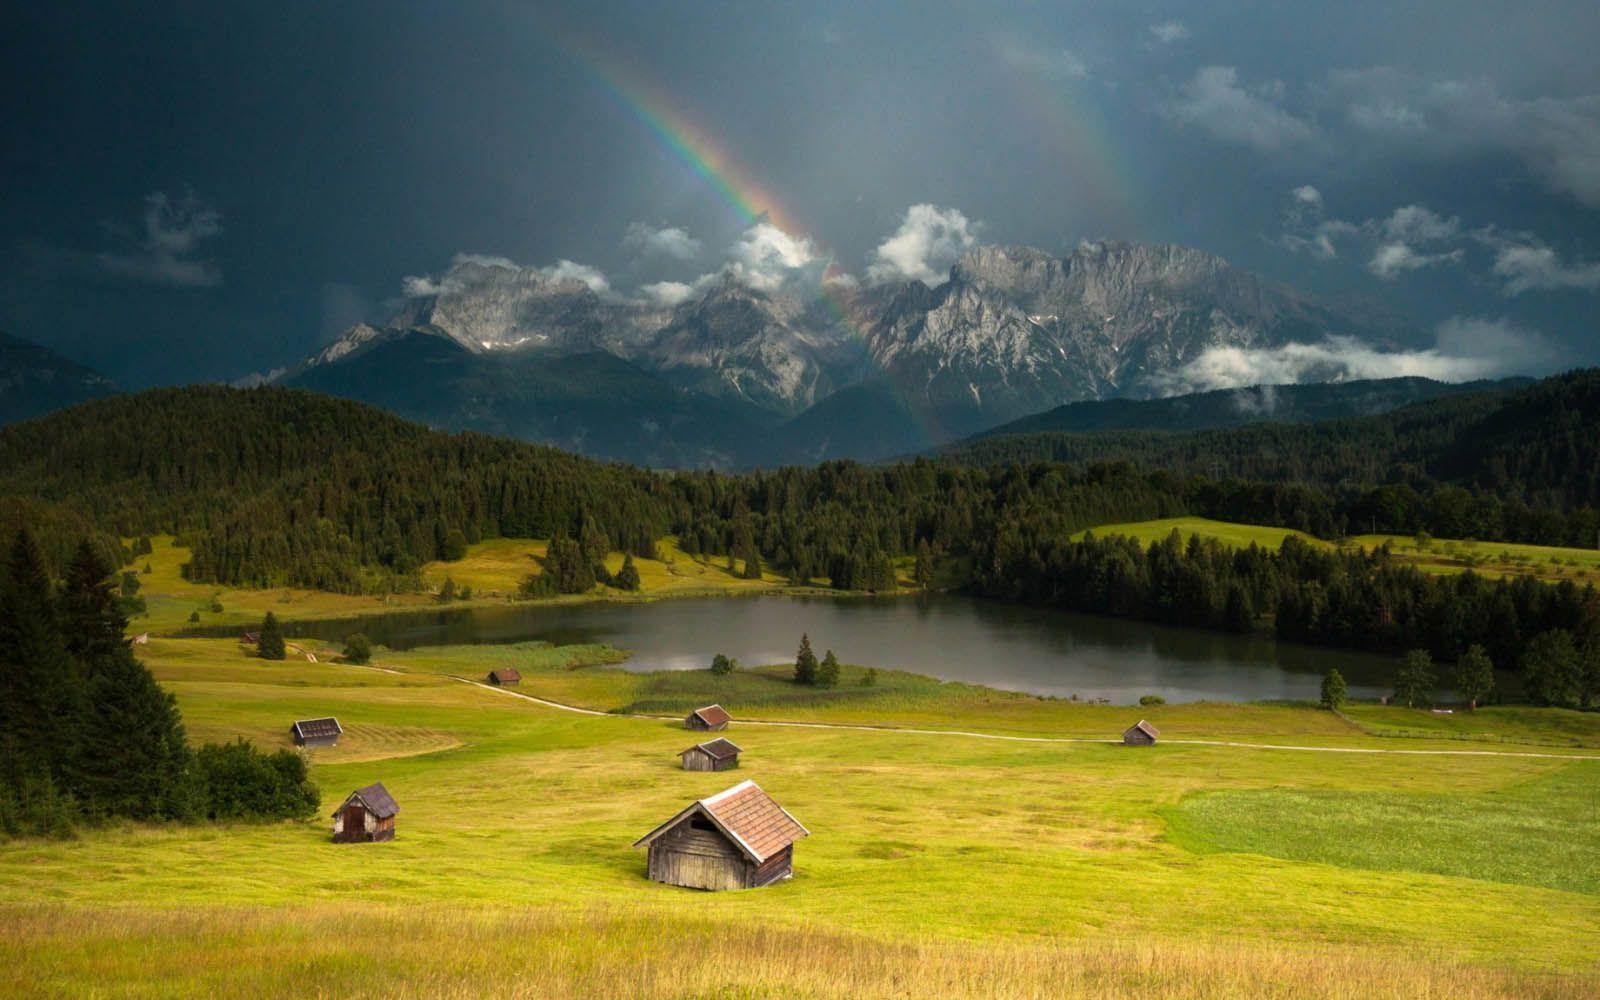 description of beautiful scenery